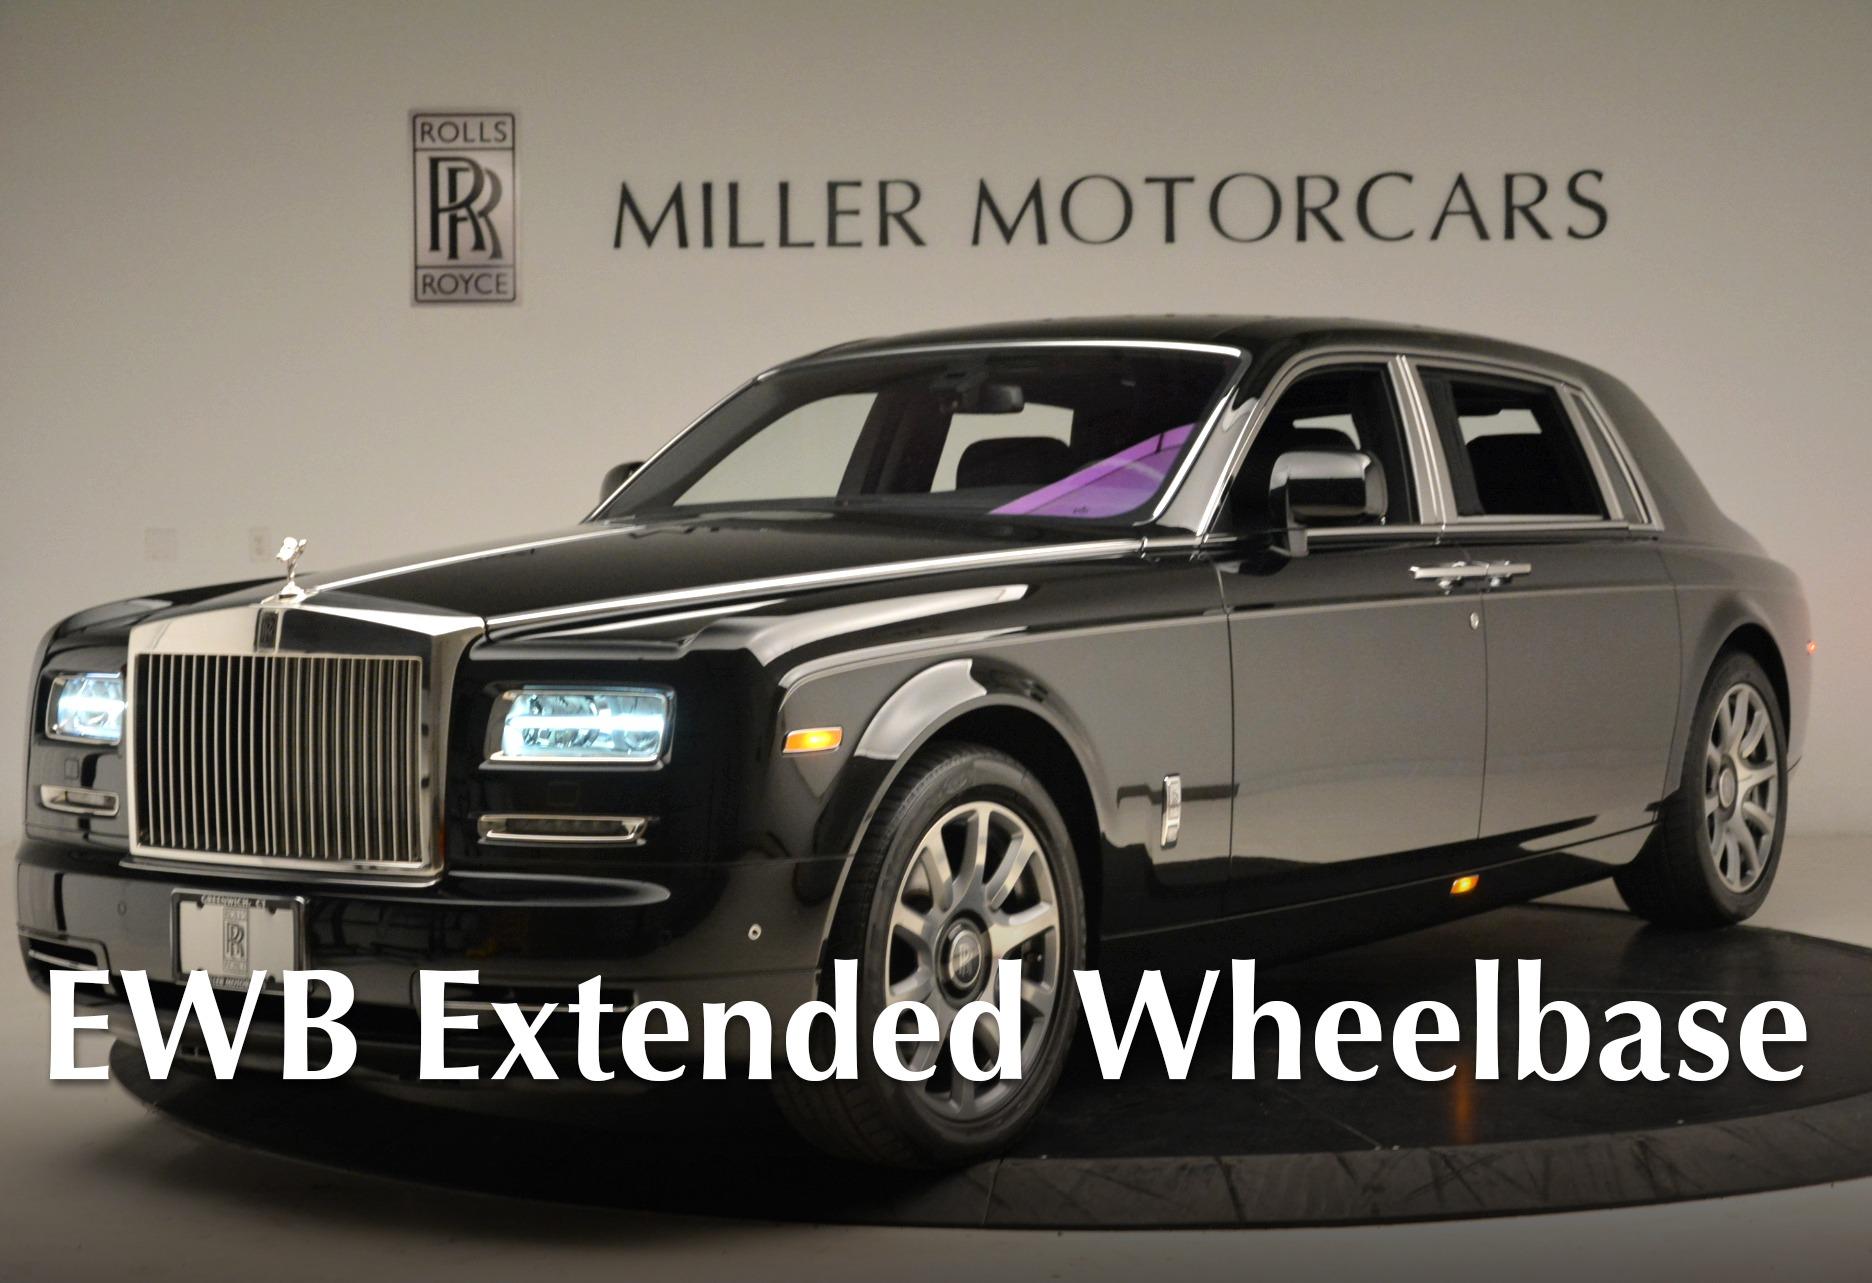 Used 2014 Rolls-Royce Phantom EWB For Sale In Greenwich, CT 2051_main